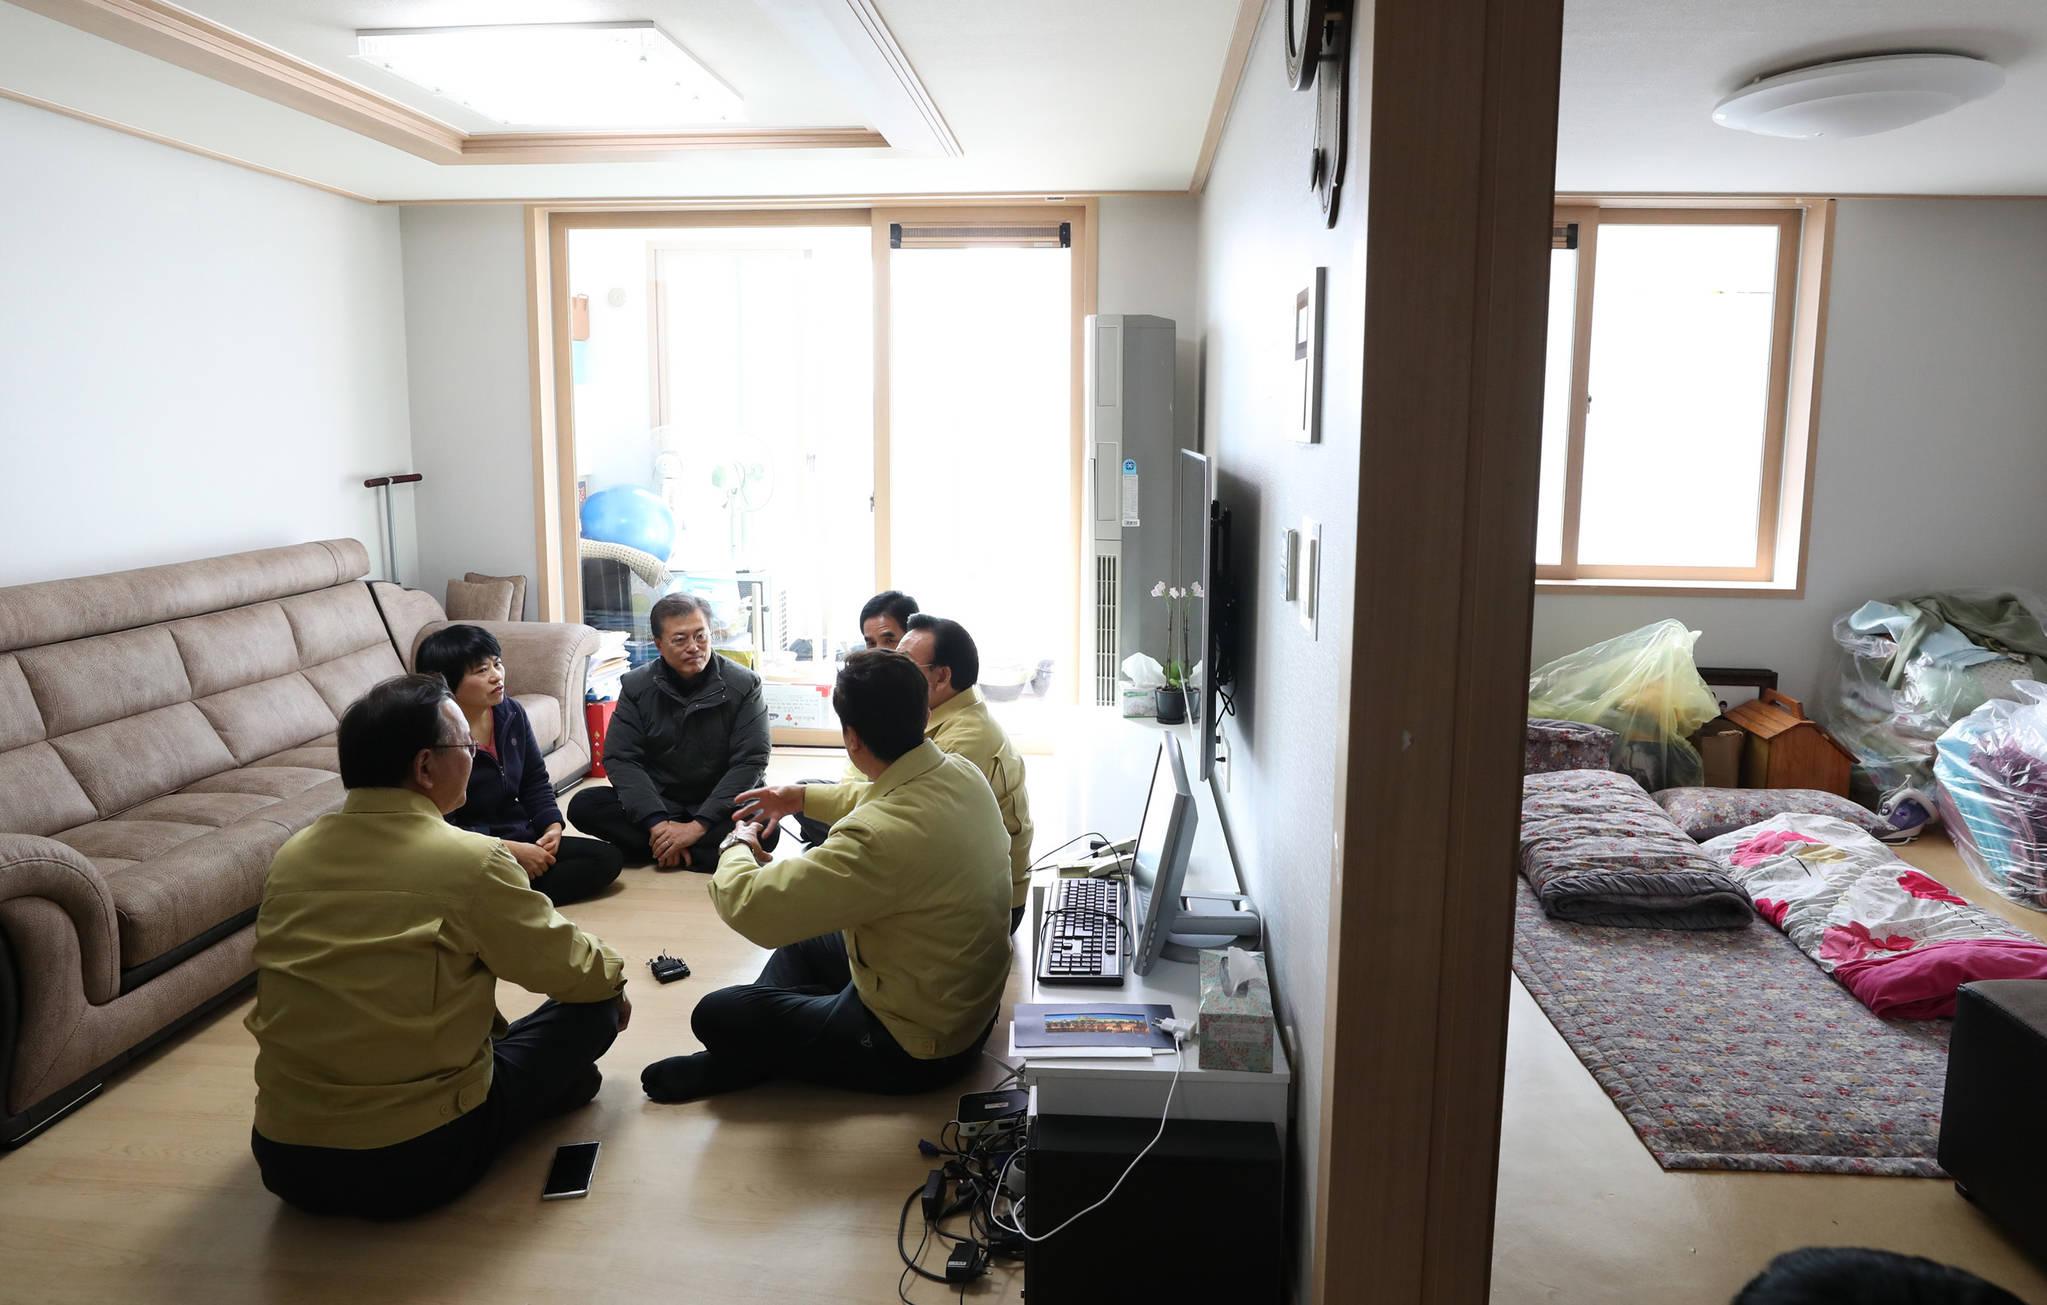 문재인 대통령이 지난해 11월 24일 오후 지진 피해로 특별재난지역으로 지정된 경북 포항 북구의 한 이재민이 입주한 LH입주주택을 방문해 담당자들의 이야기를 듣고 있다. 김상선 기자